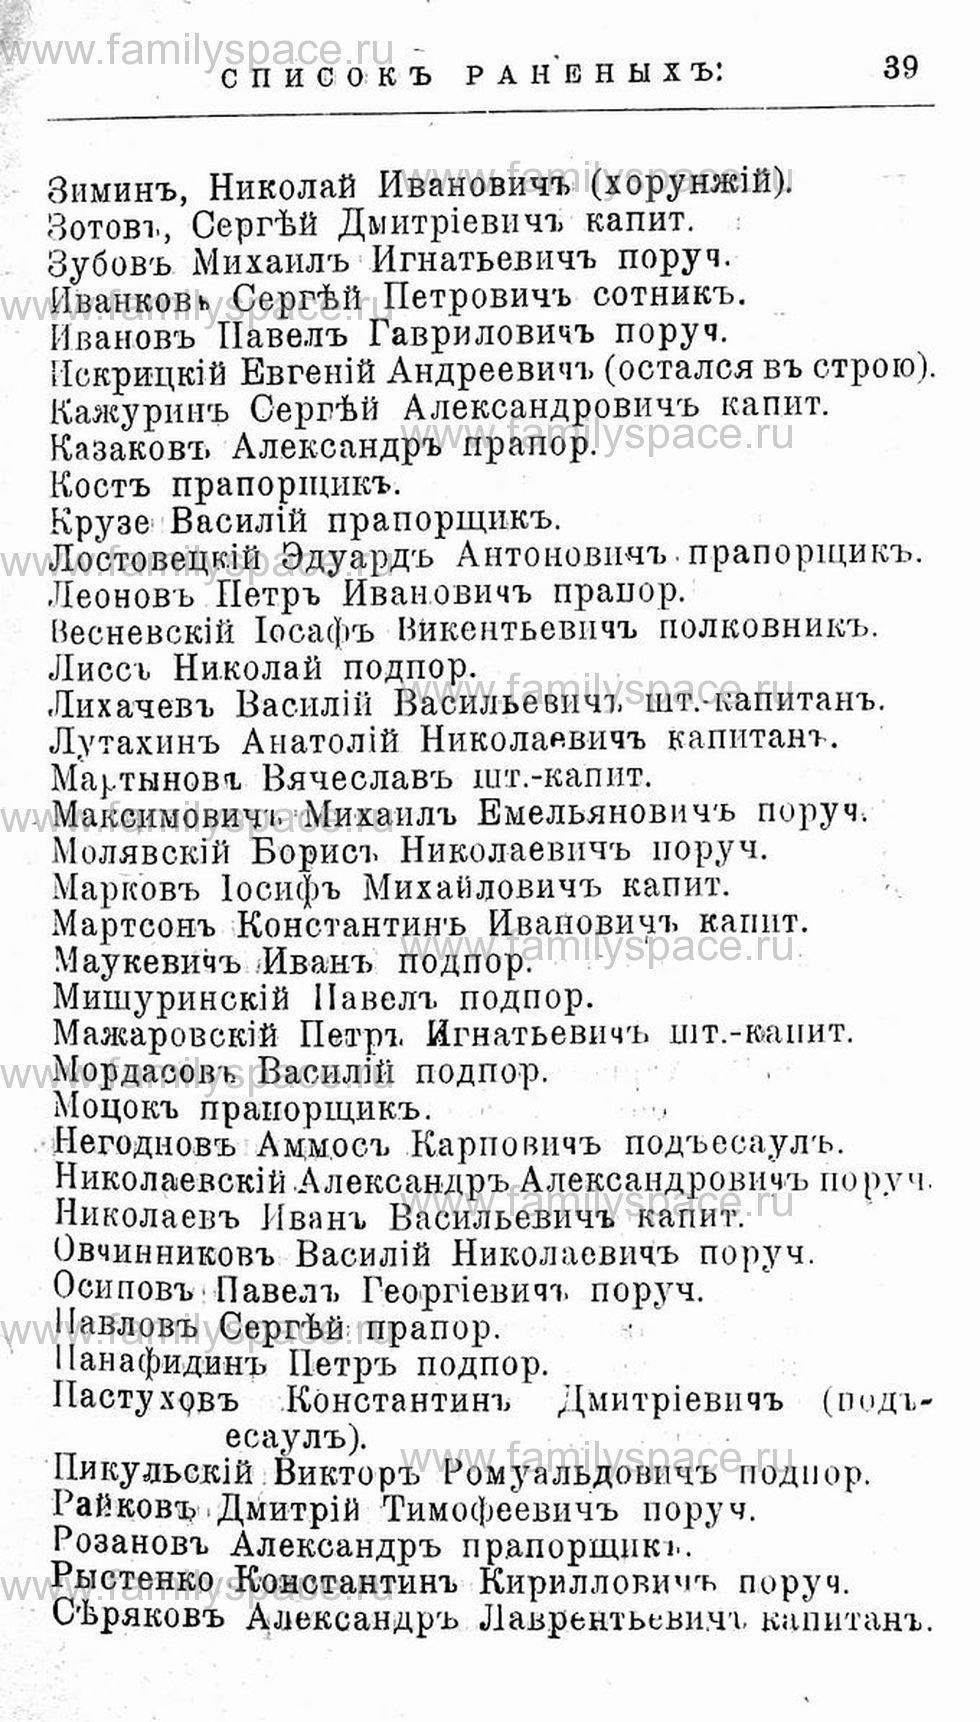 Поиск по фамилии - Первая мировая война - 1914 (списки убитых и раненых), страница 39